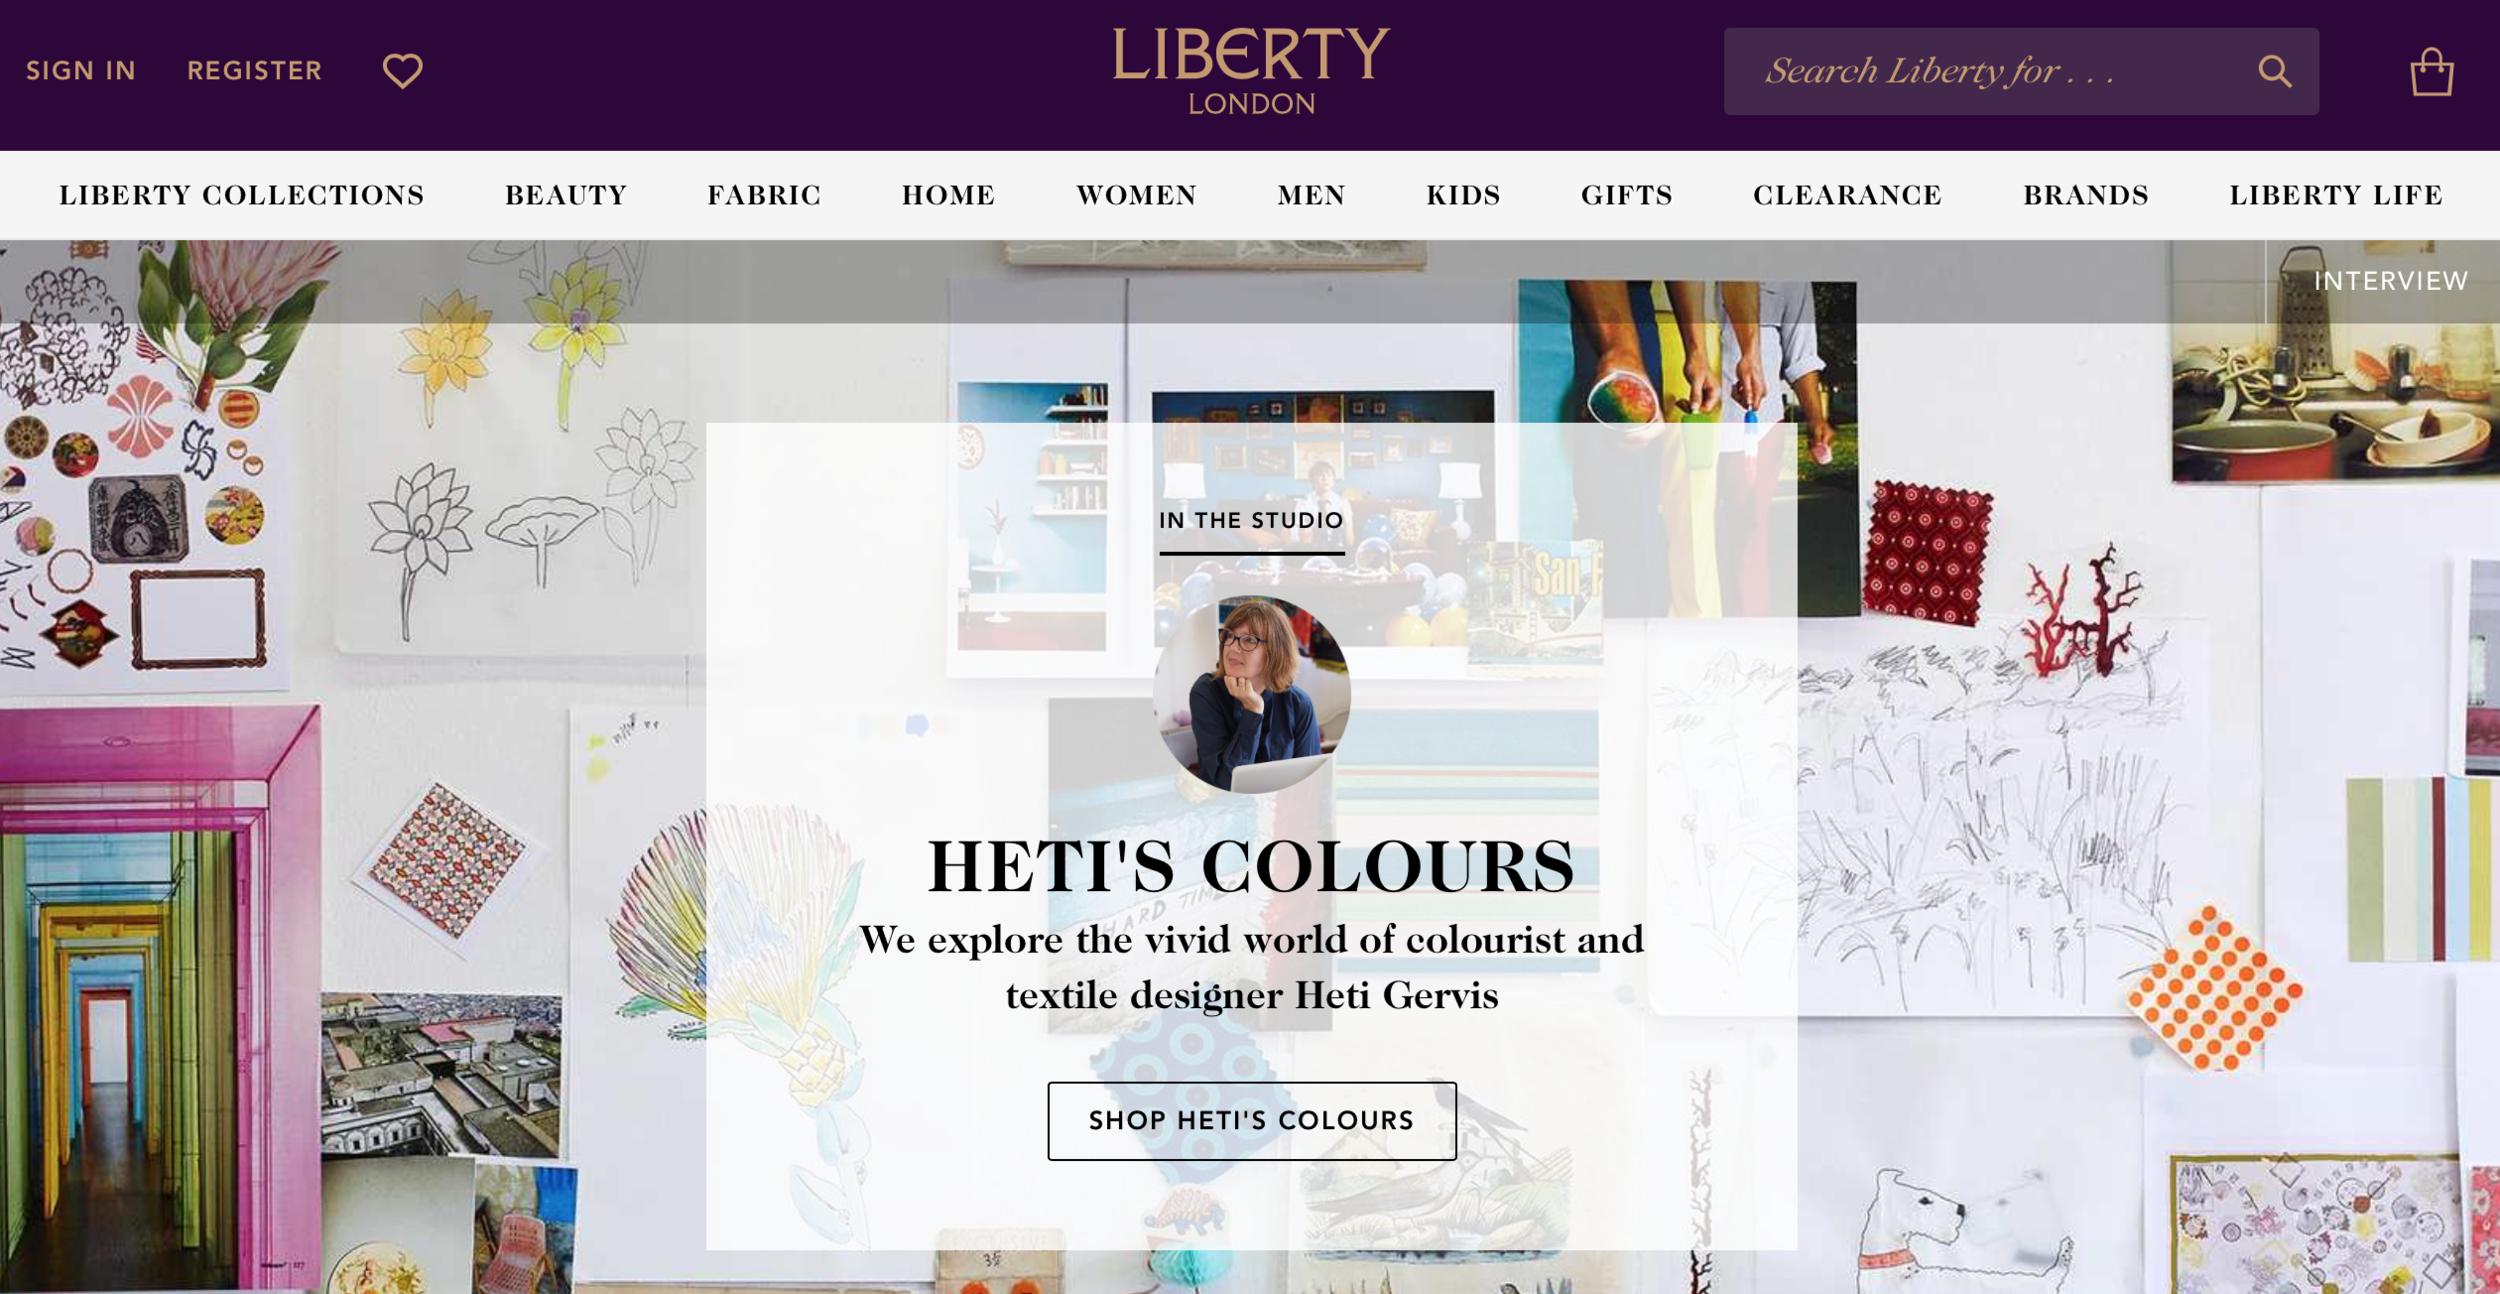 heti's colours liberty london in the studio luxury company